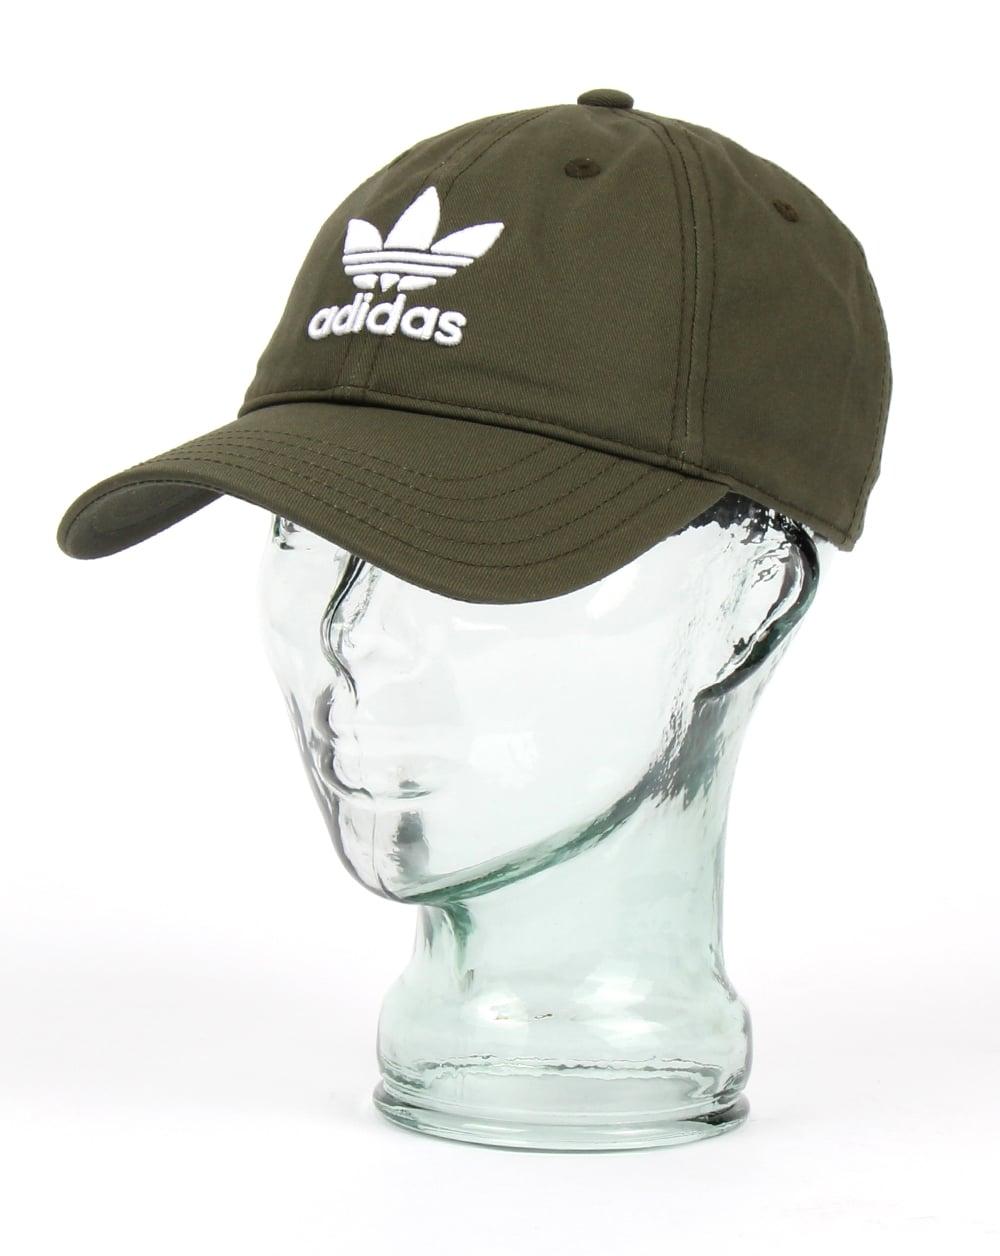 adidas Originals Adidas Originals Trefoil Cap Night Cargo 2c13b8d334c